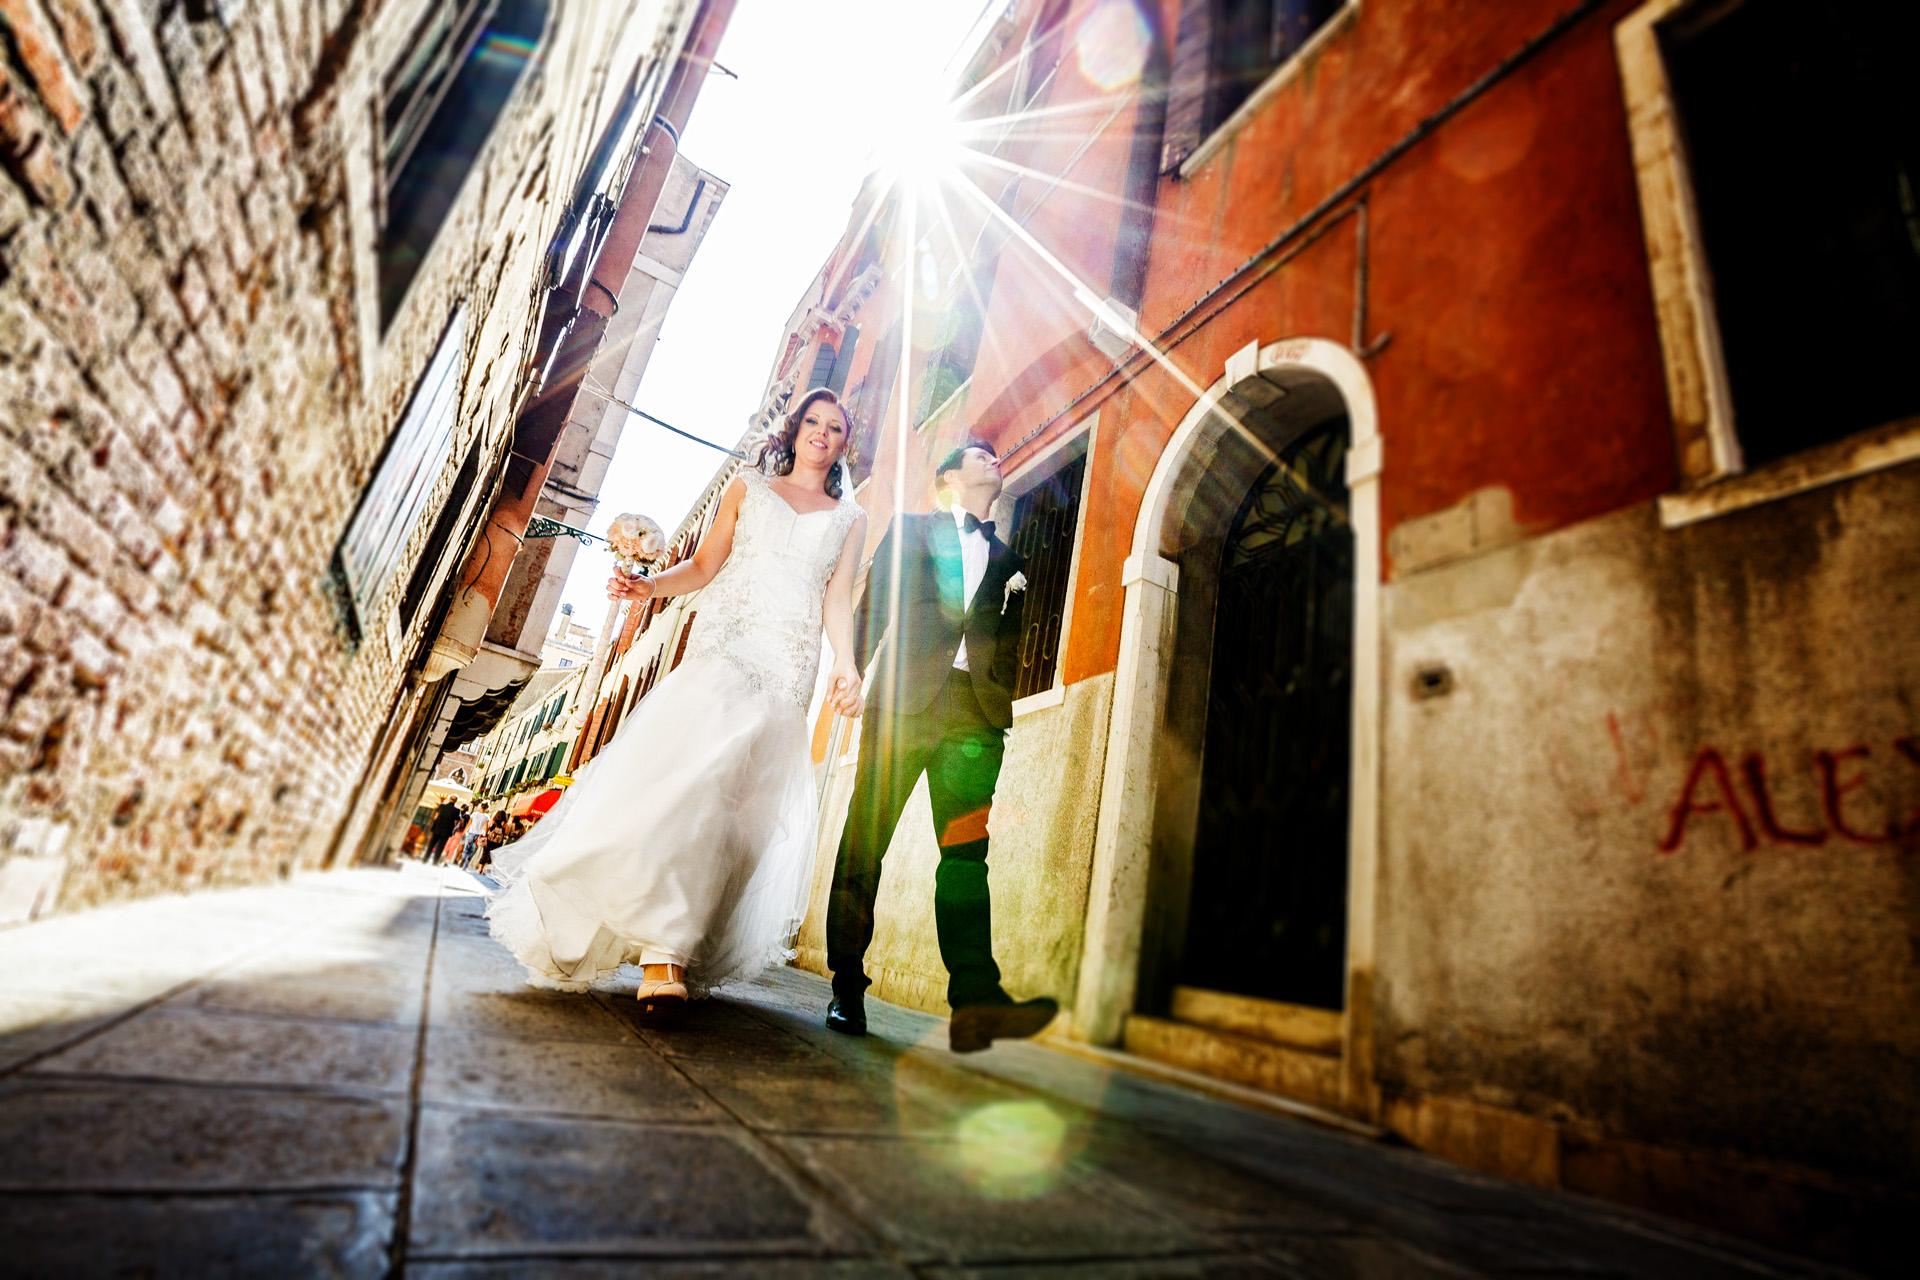 Elopement Portrait du Couple marchant - Venise, Italie   L'attitude décontractée de la mariée et du marié en se promenant dans les rues.